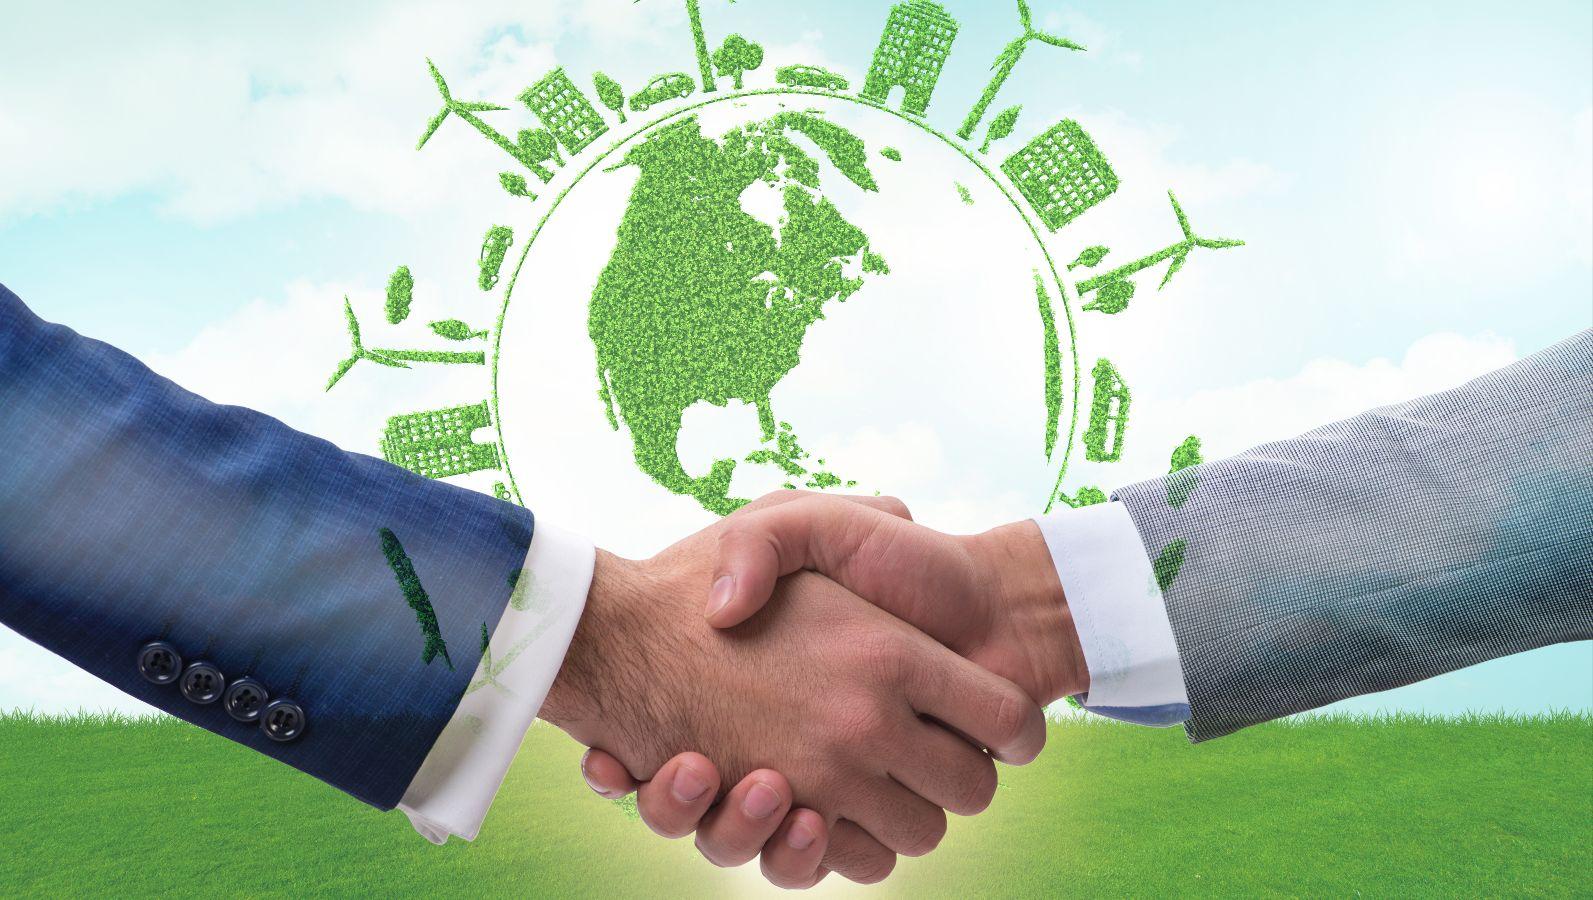 Zwei sich schüttelnde Hände von zwei Geschäftsleuten im Vordergrund. Im Hintergrund eine grüne Weltkugel mit grünen Symbolen von Energie, Windrktaft usw.